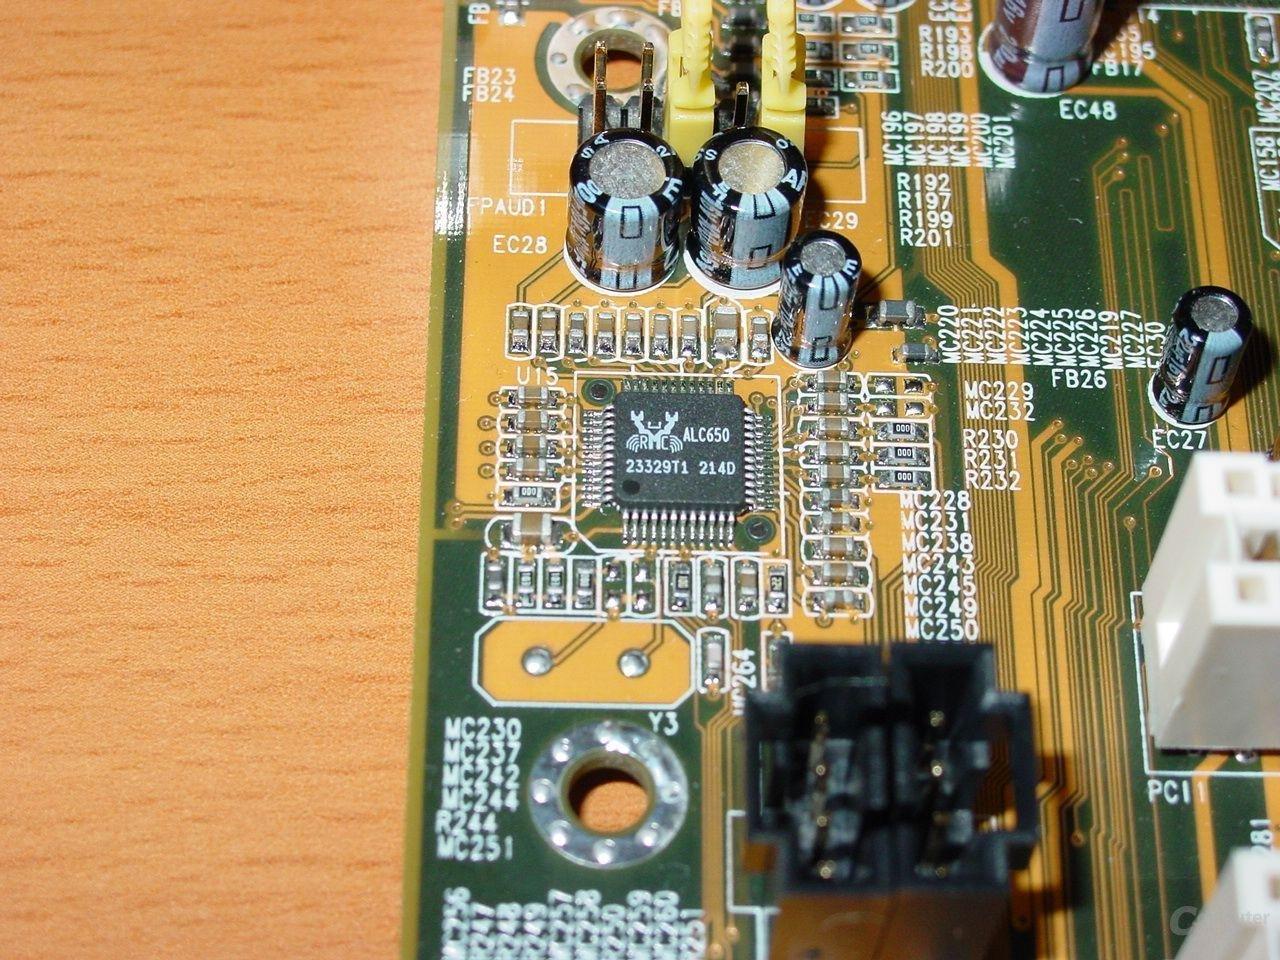 Realtek ALC650 Soundchip